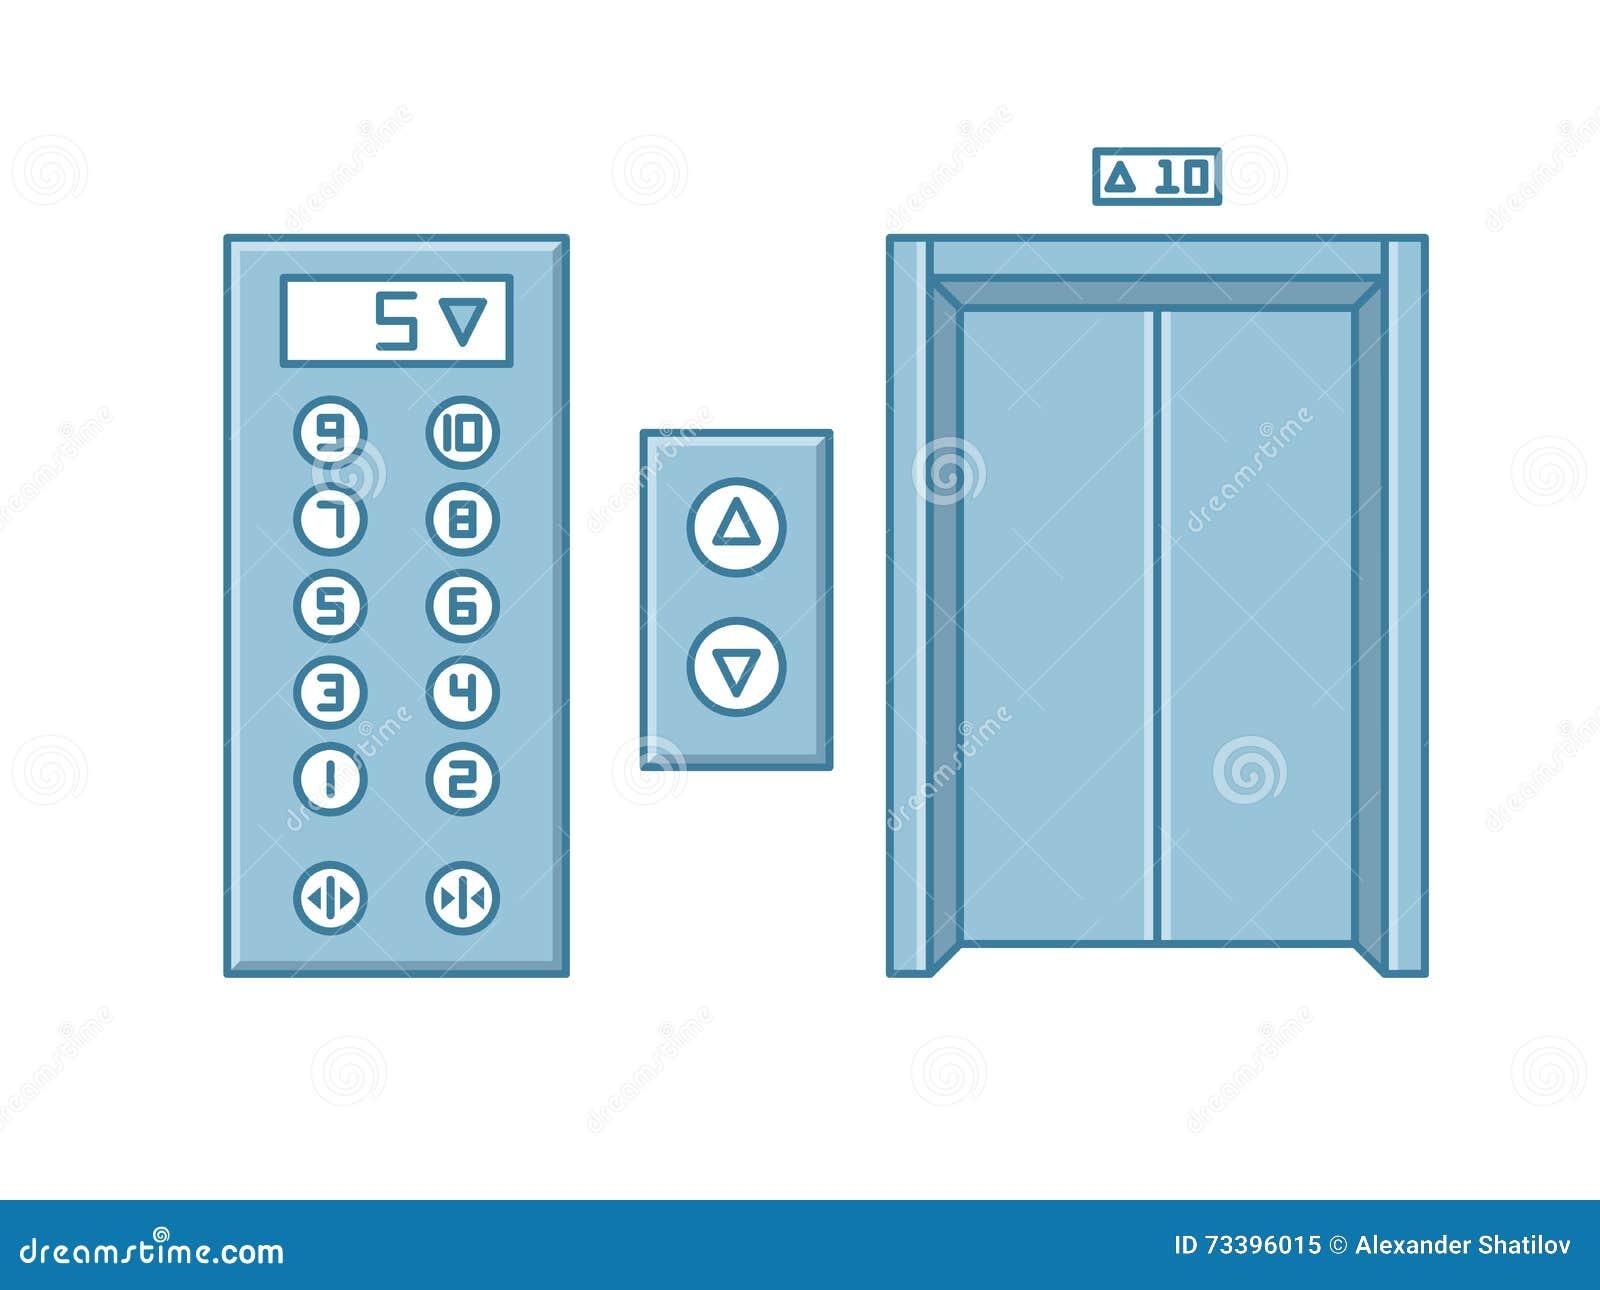 Στενοί ανελκυστήρας κτιρίου γραφείων και επιτροπή κουμπιών Απομονωμένο γραμμή διάνυσμα